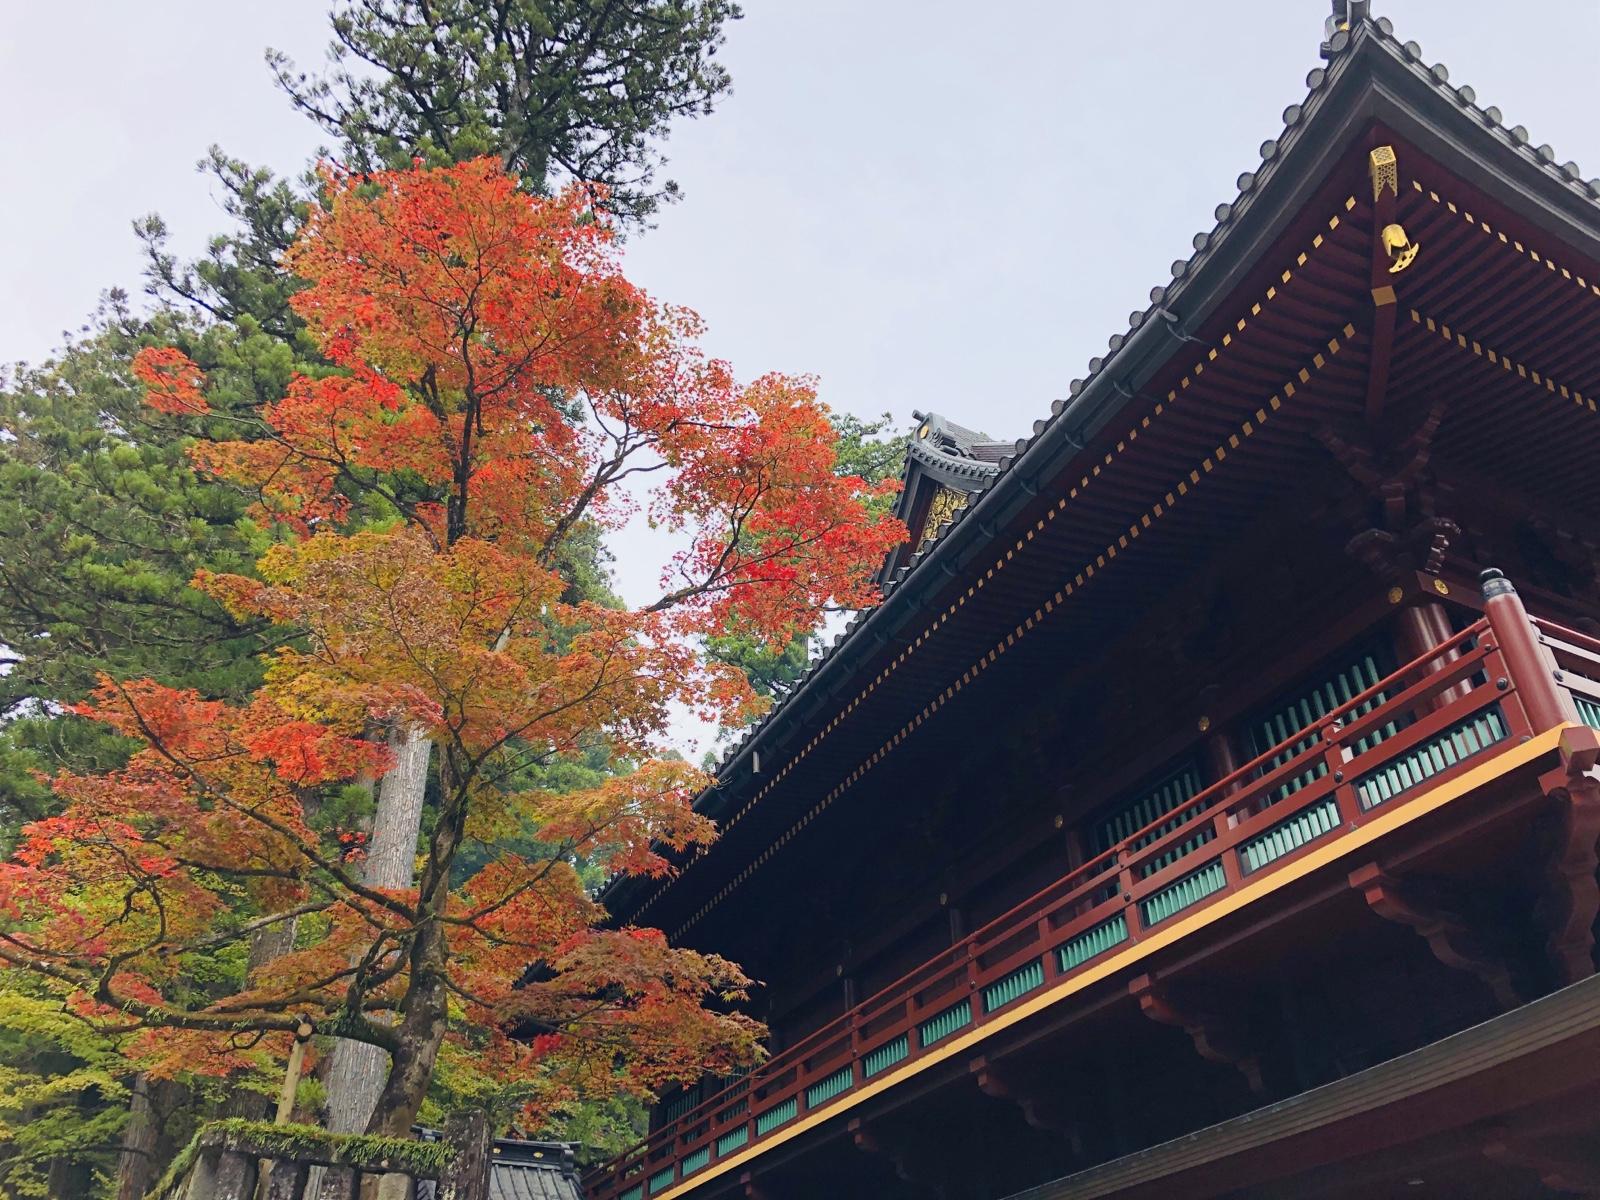 世界遺産「日光の社寺」!神橋から輪王寺へぶらり散策